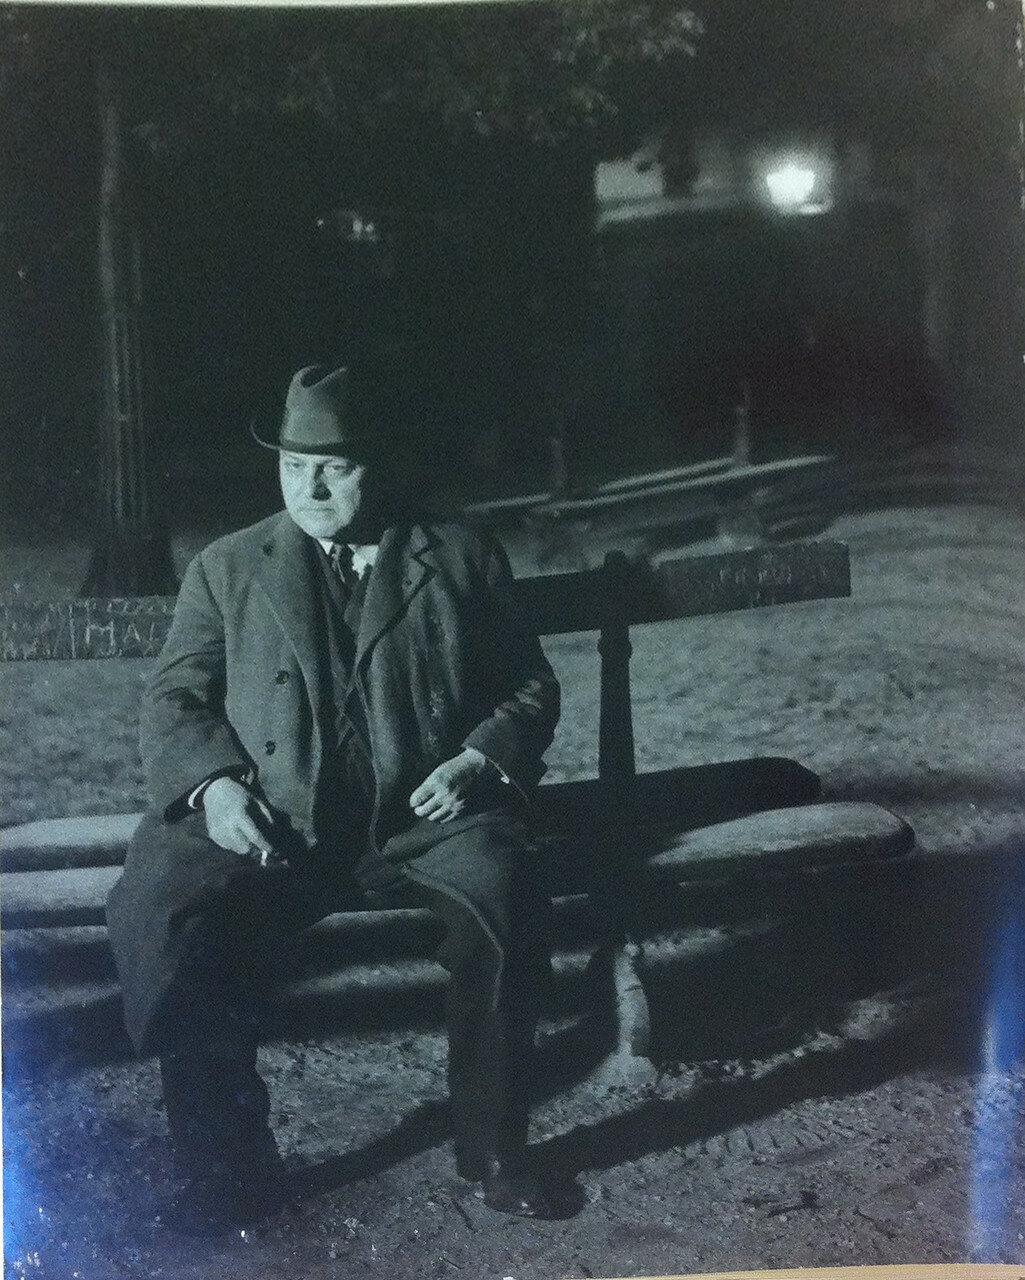 1932. Поэт Леон-Поль Фарг